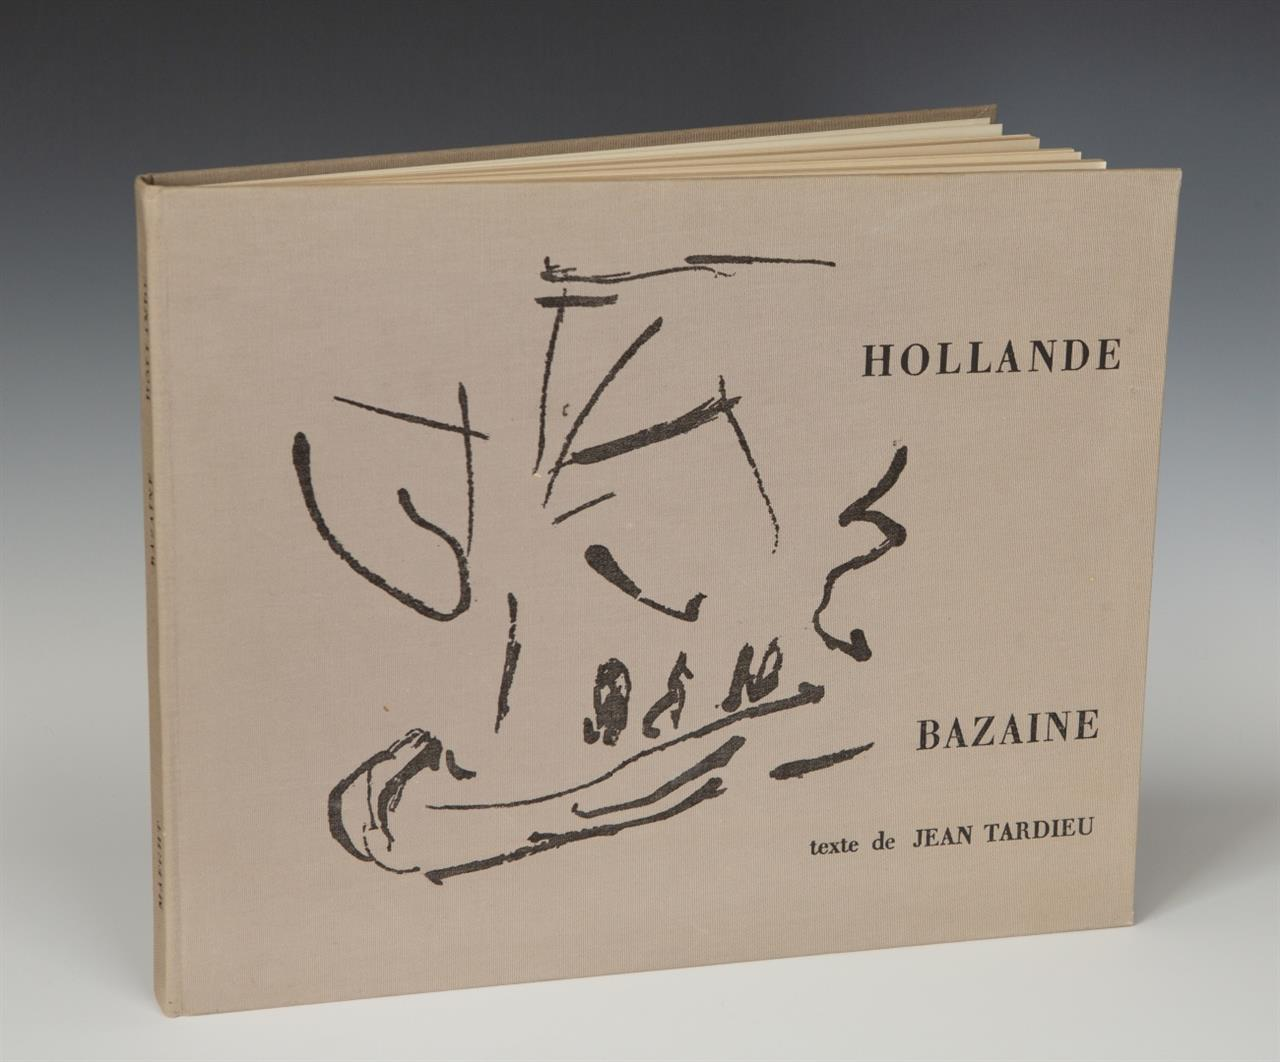 J. Bazaine / J. Tardieu, Hollande. Paris 1962. - Ex. 62/100.